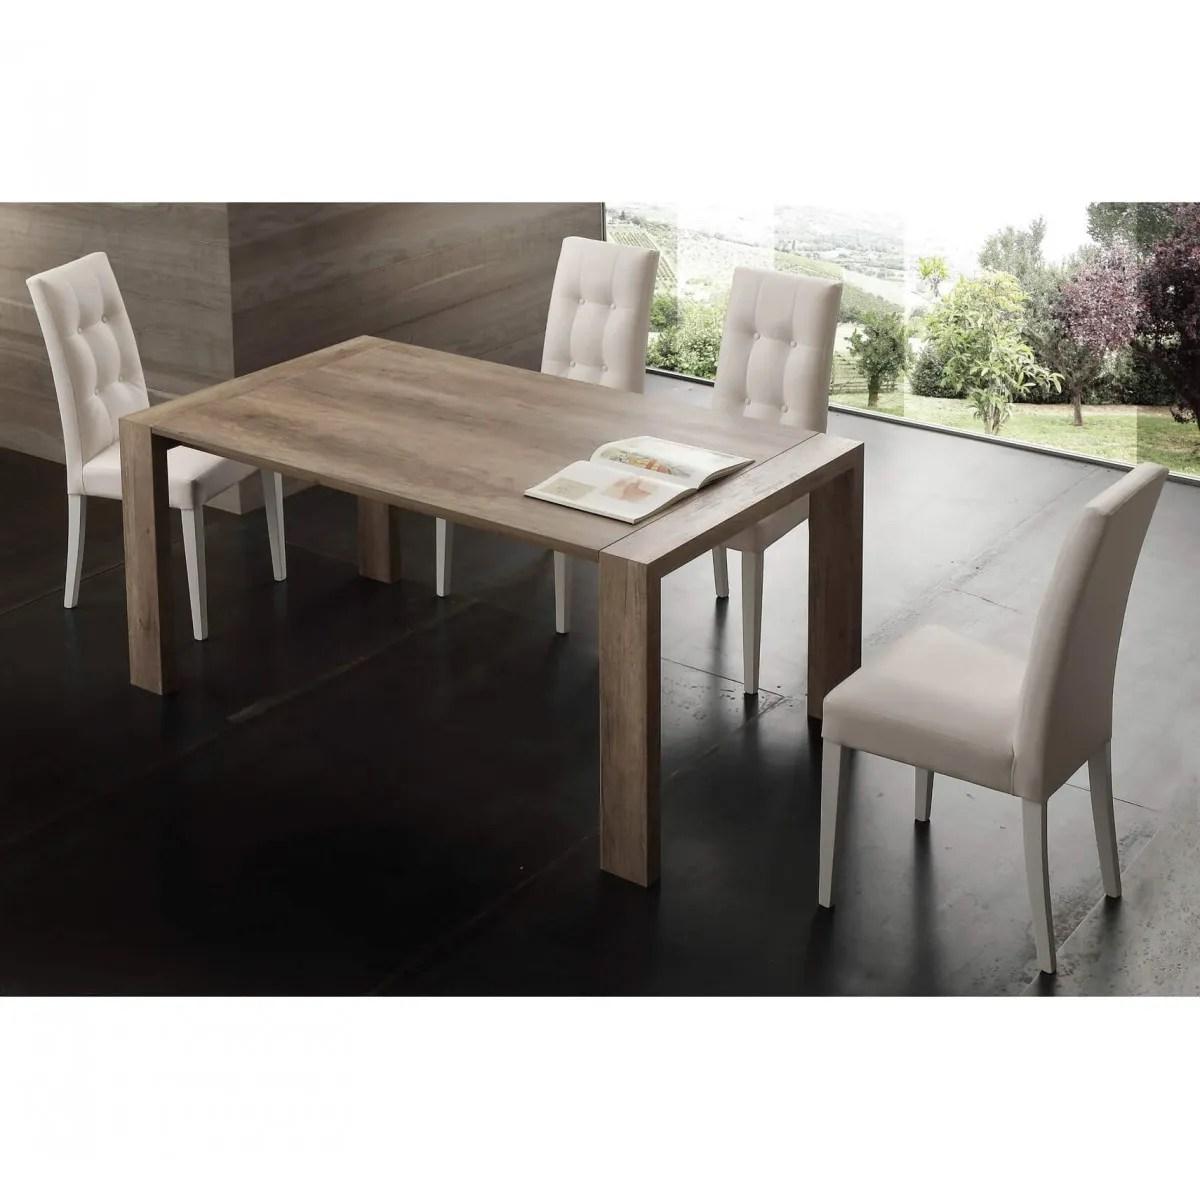 Vendo 4 sedie modello dafne di chateau d'ax. Miglior Prezzo Tavolo Allungabile Moderno La Seggiola Art 692